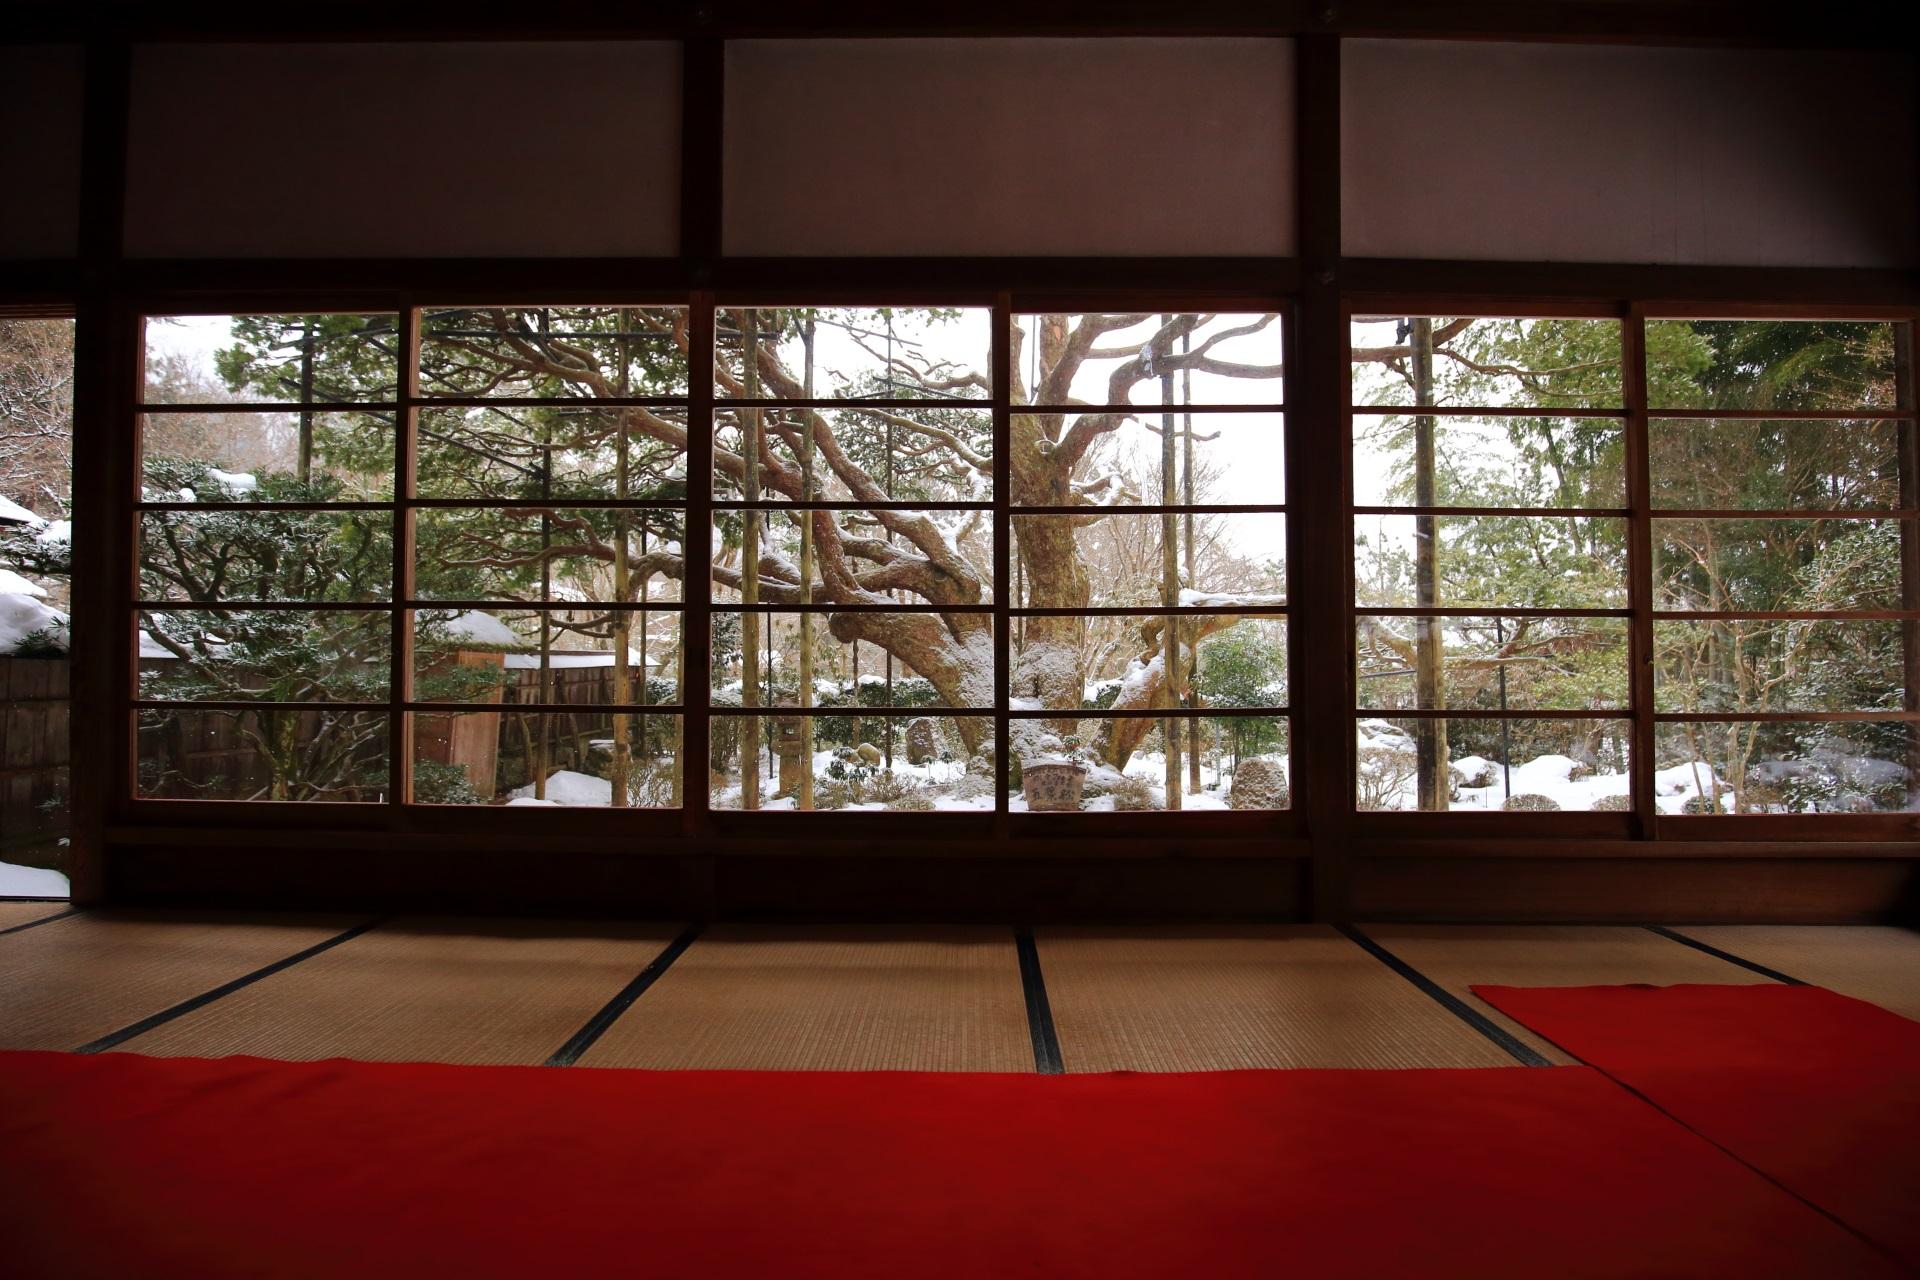 雪が強くなるとガラス戸を締める宝泉院の額物庭園